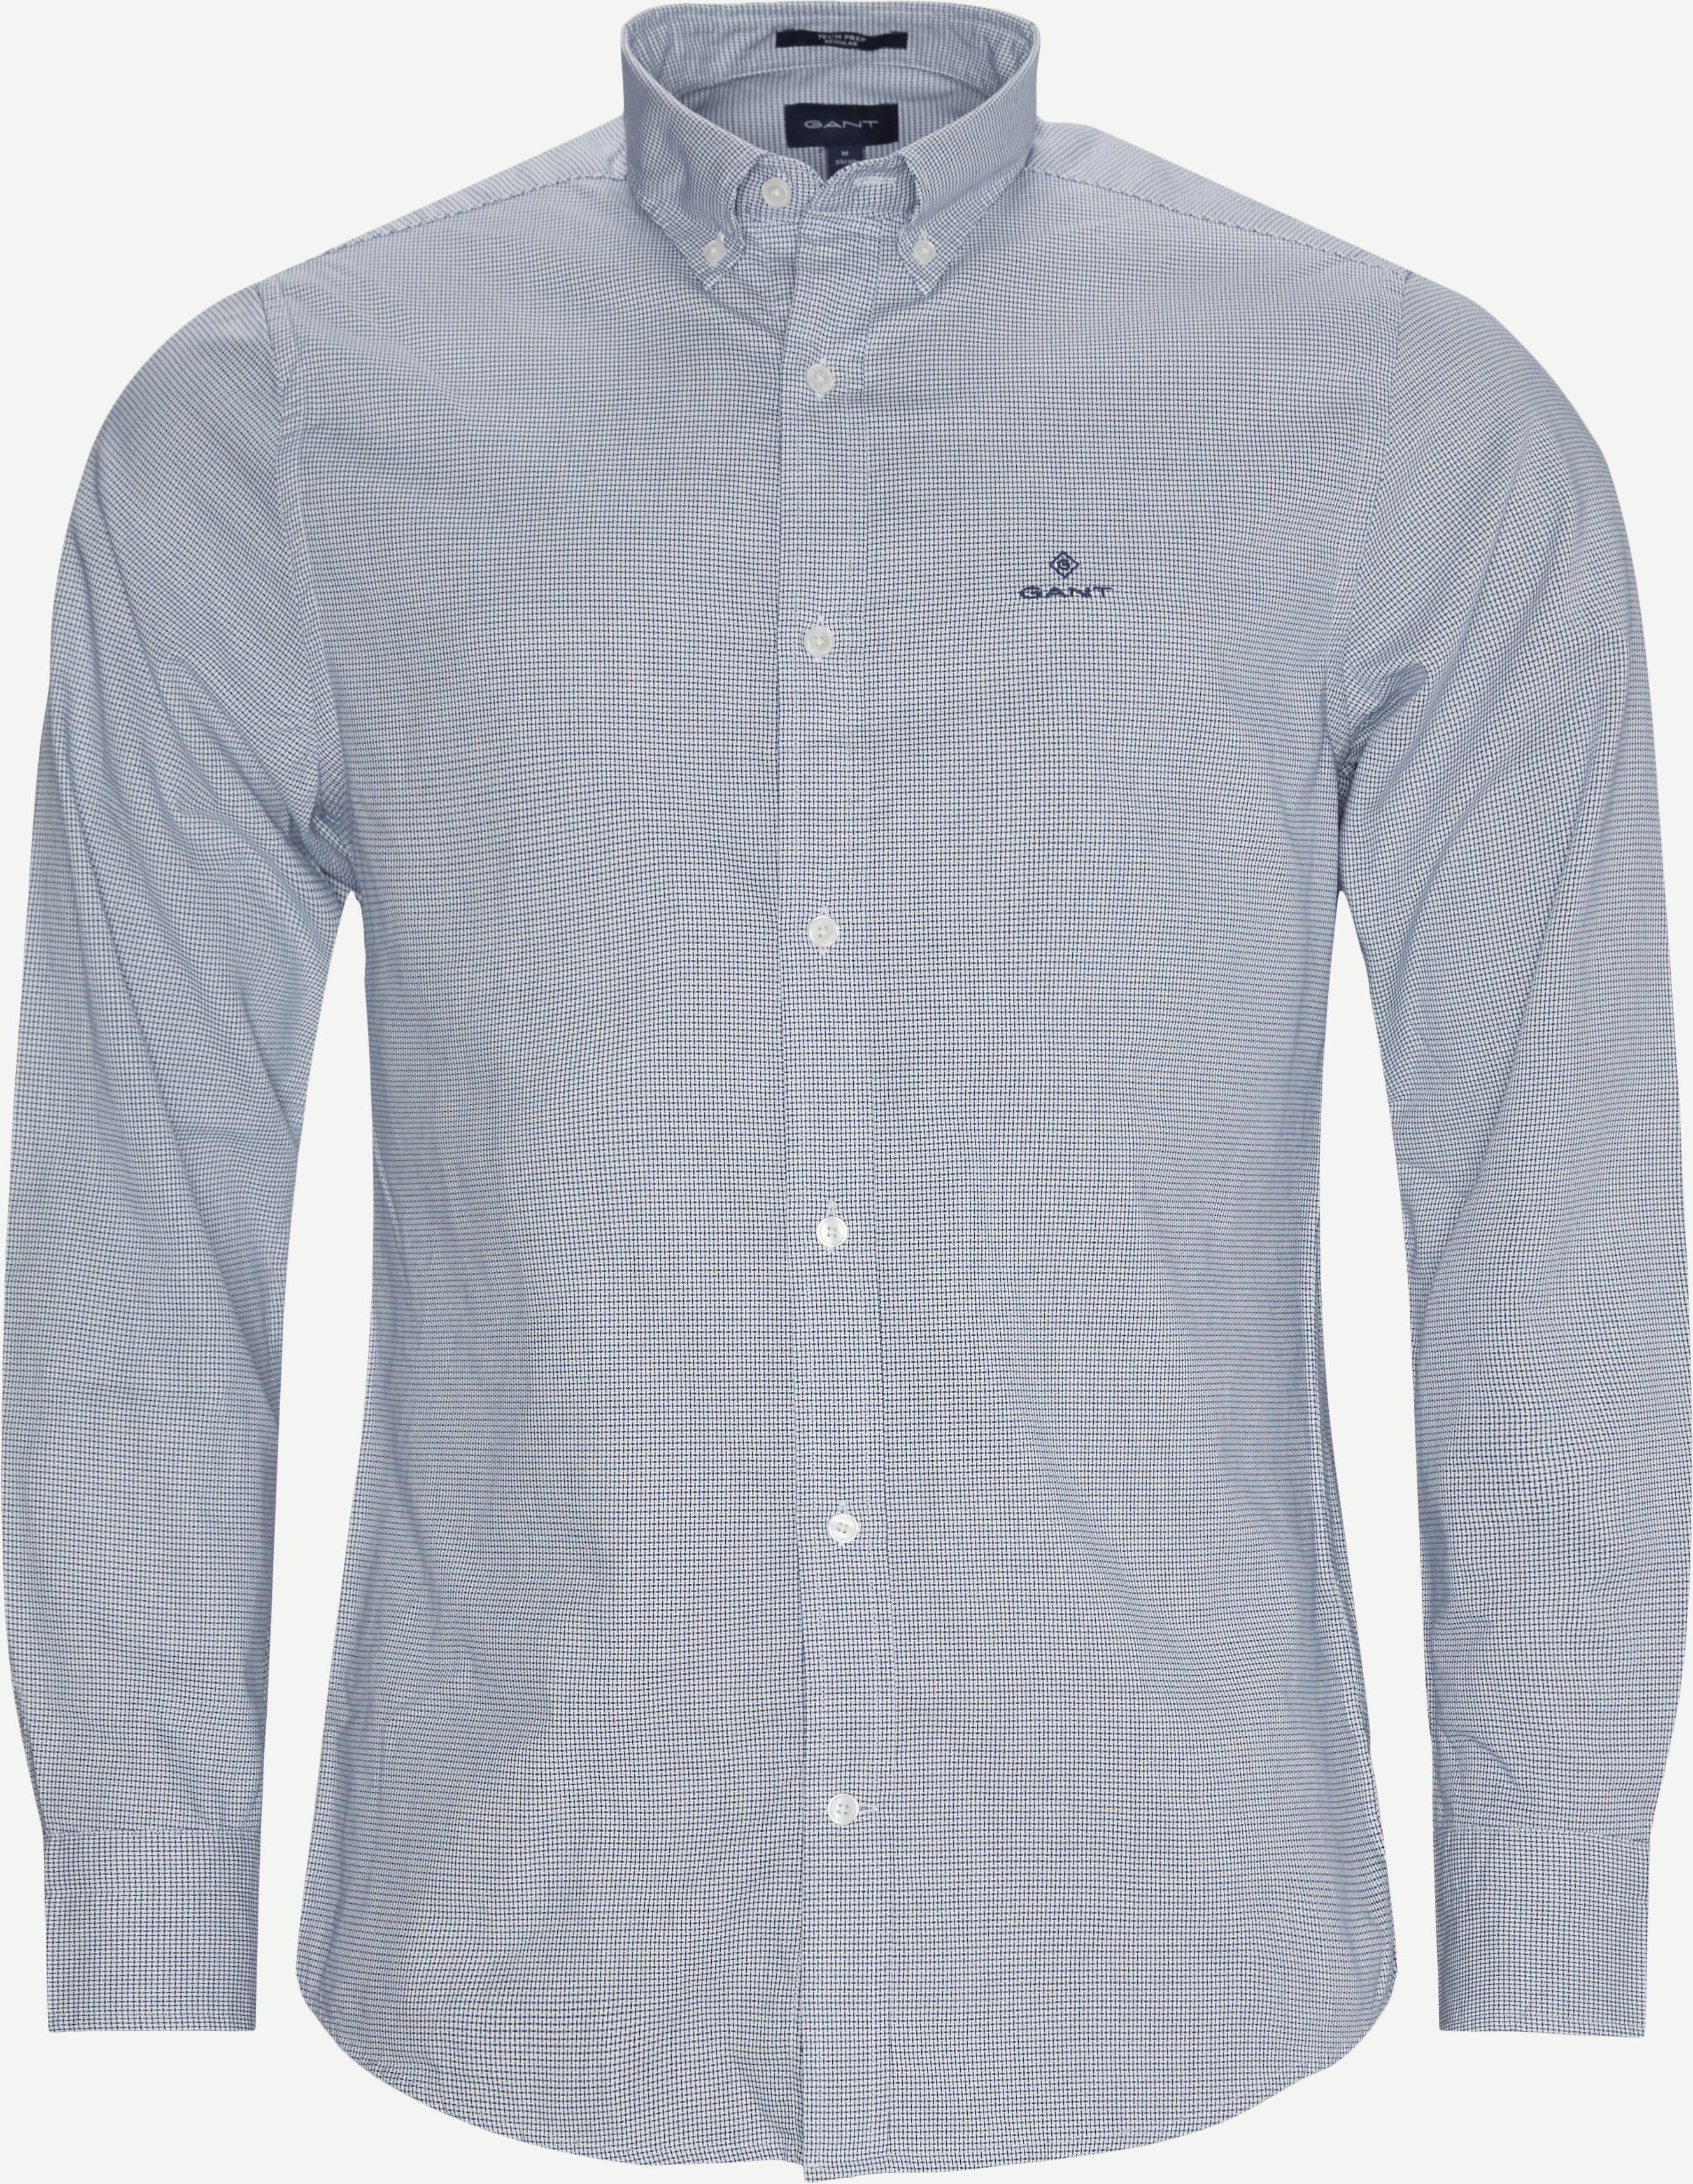 Reg Royal Oxford Skjorte - Skjortor - Regular - Blå